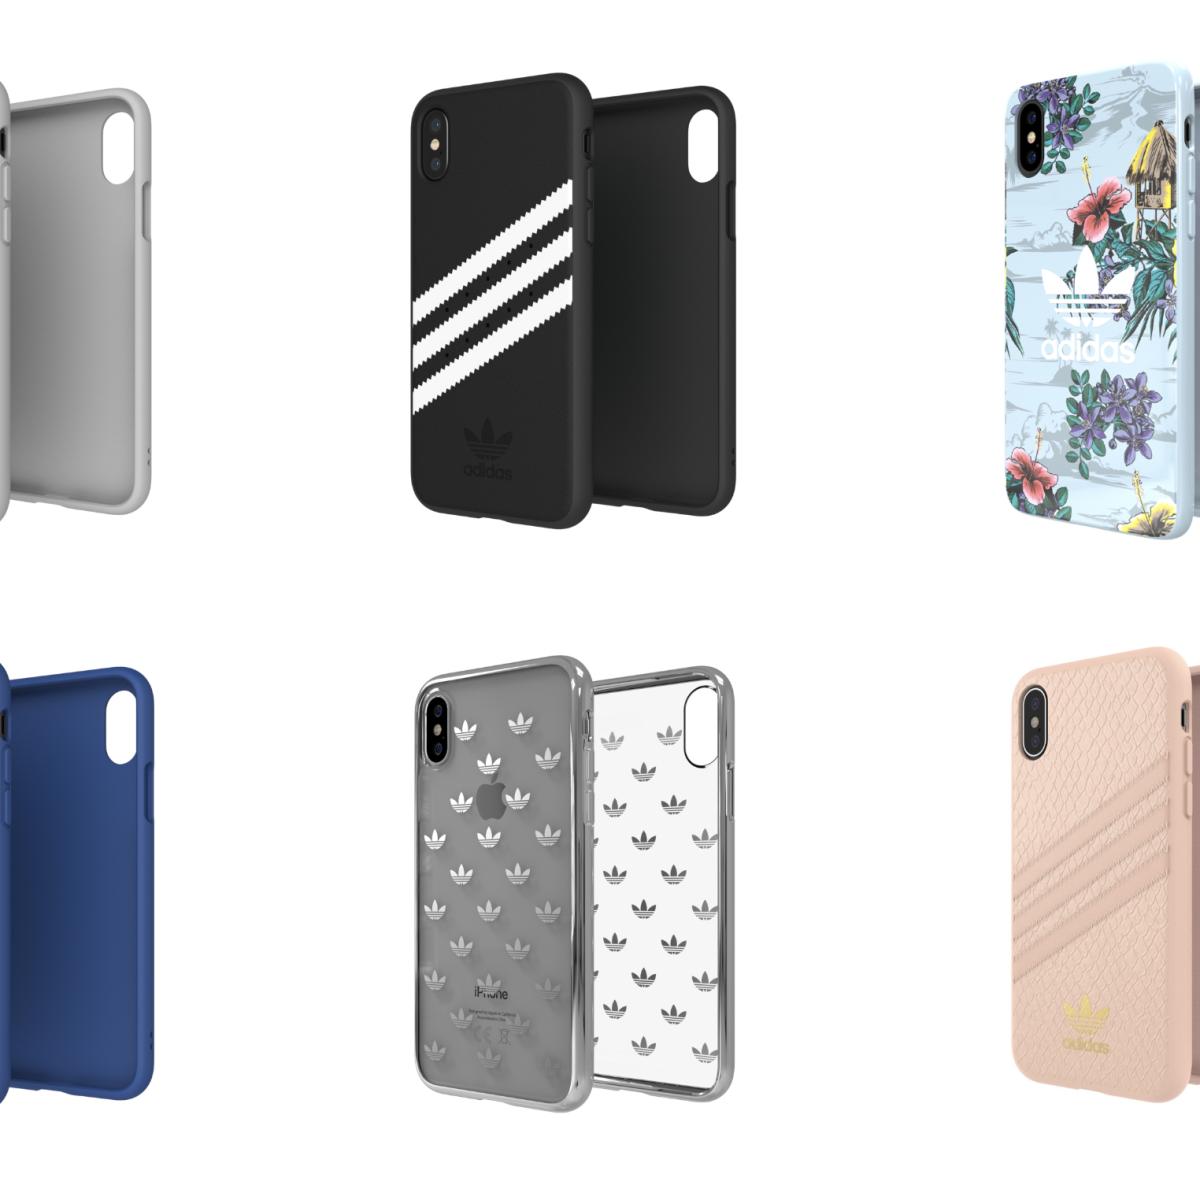 Las fundas de Adidas perfectas para tu iPhone X